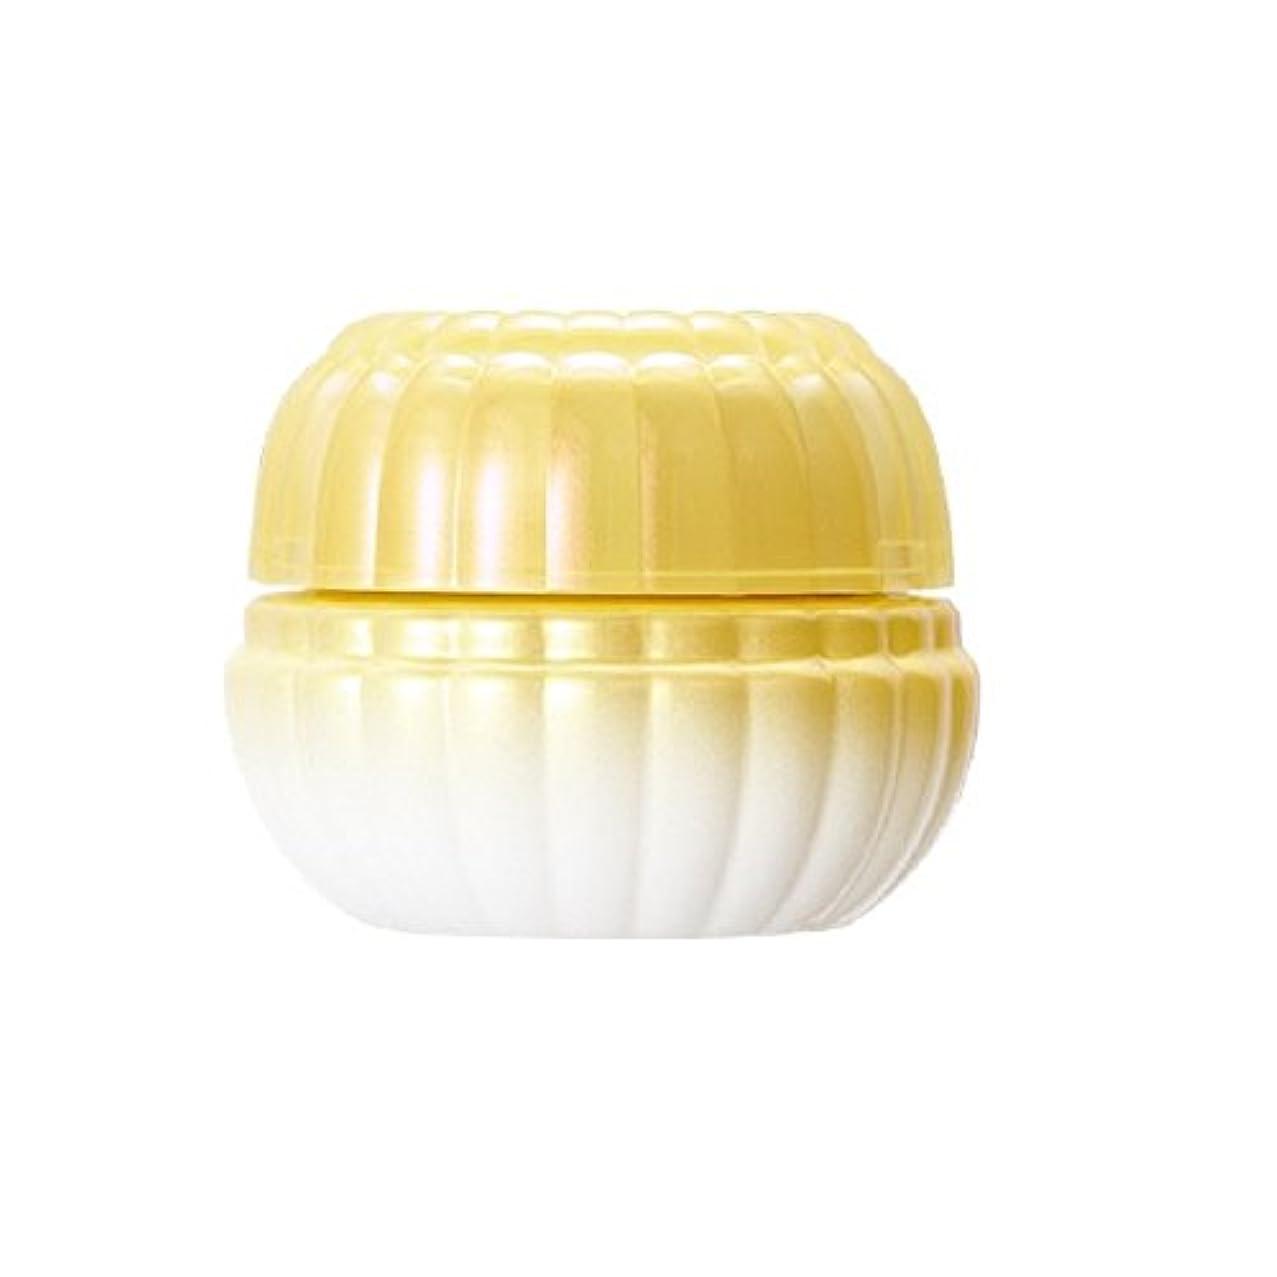 寛解助けて気配りのあるアユーラ (AYURA) モイストパワライズクリーム (医薬部外品) 28g 〈美白クリーム〉